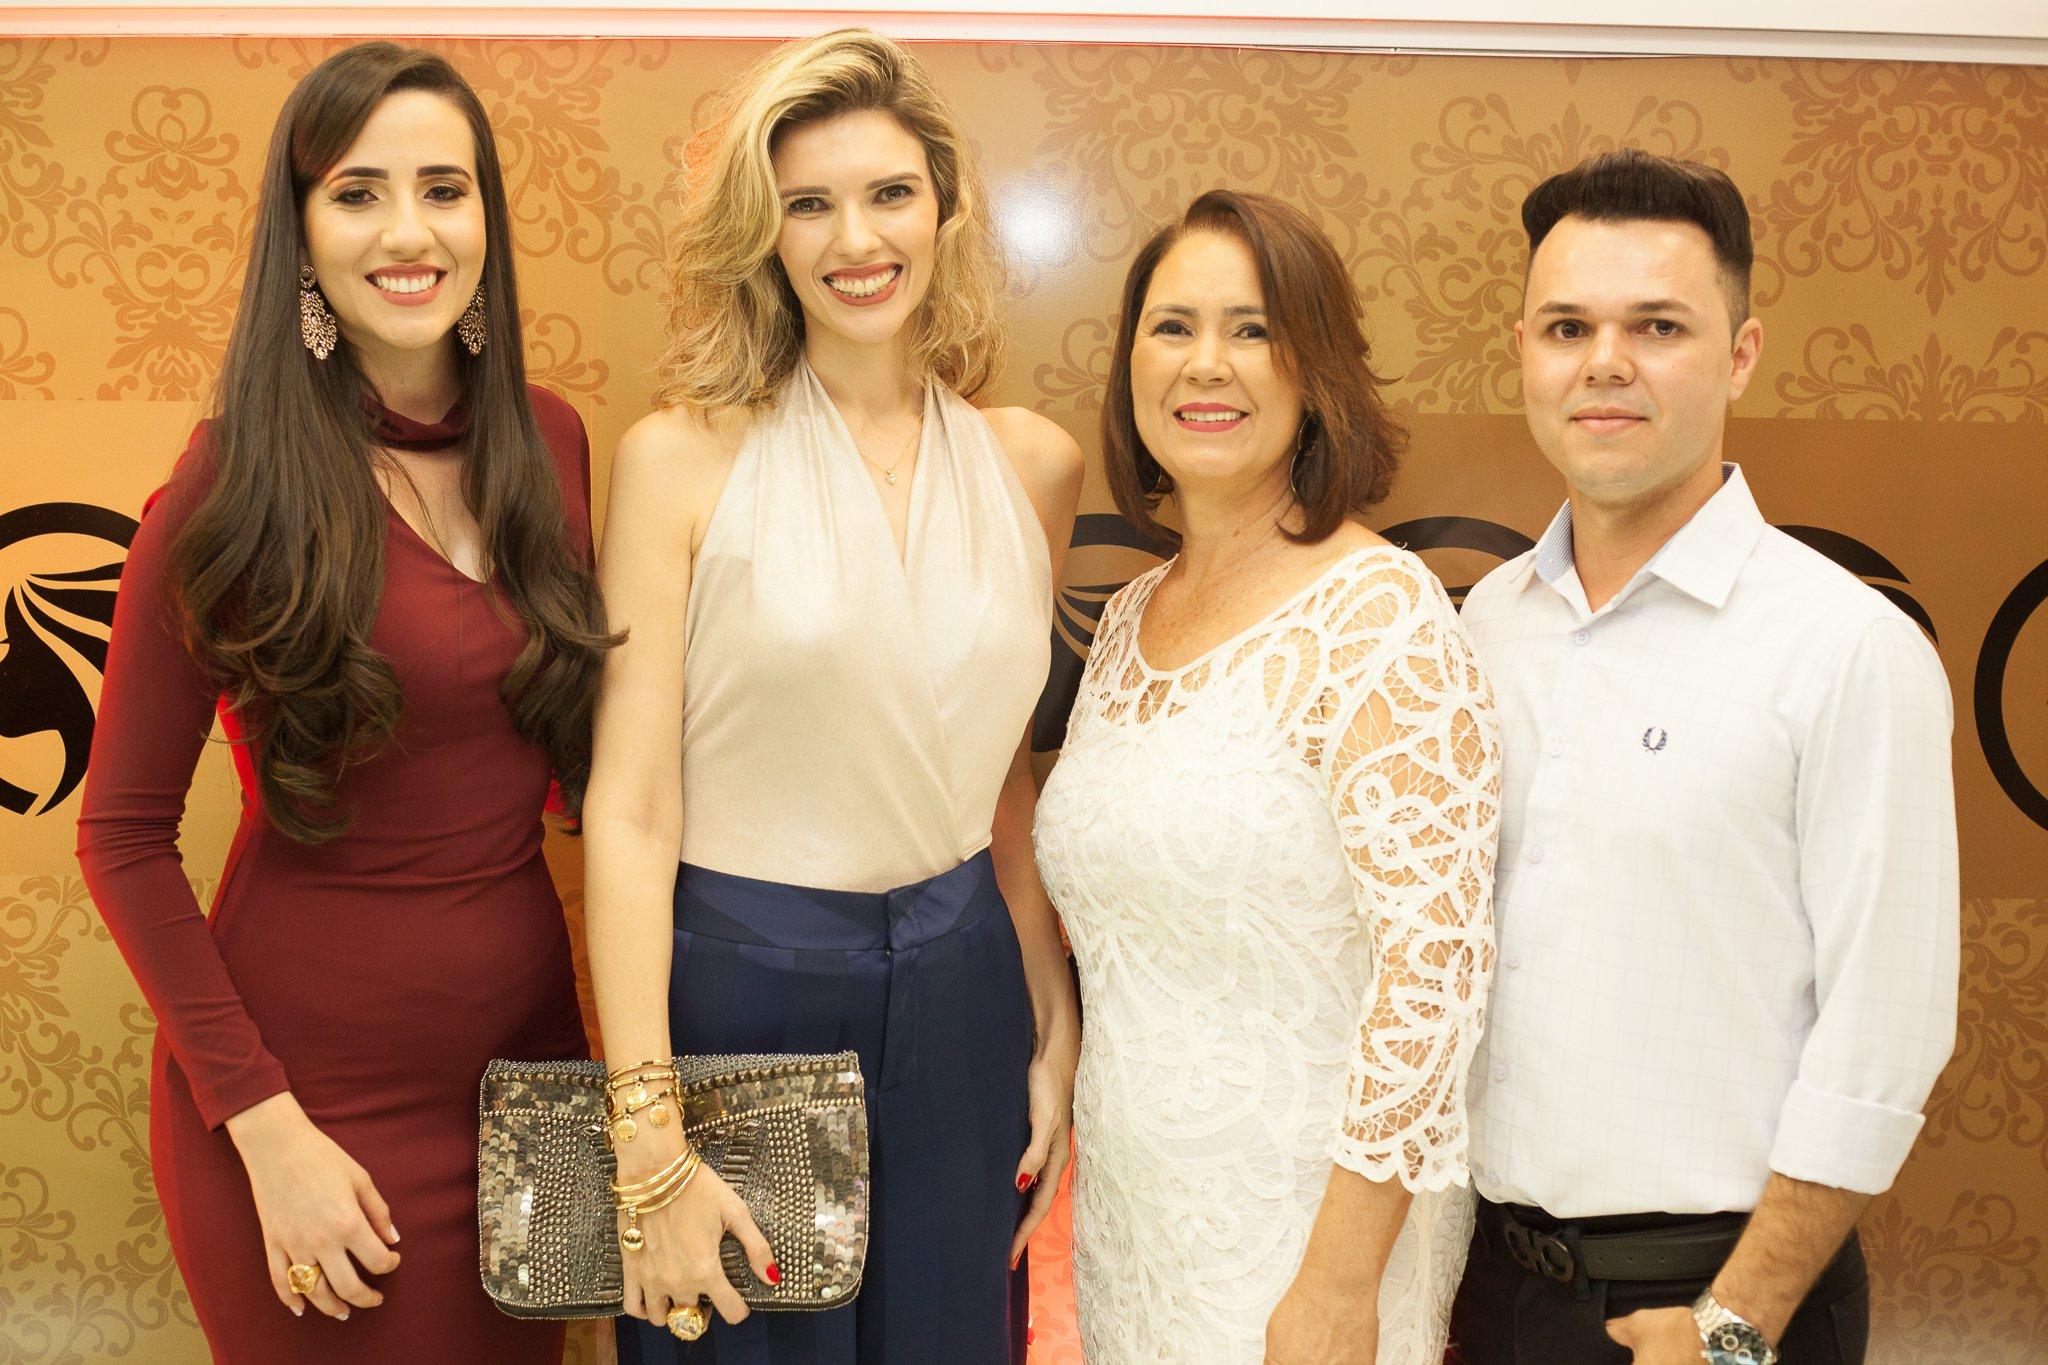 Os proprietários do salão Empório Hair Valéria Pagani, Terezinha Aguiar e Ricardo Aguiar com a consultora de moda Kassandra Valduga